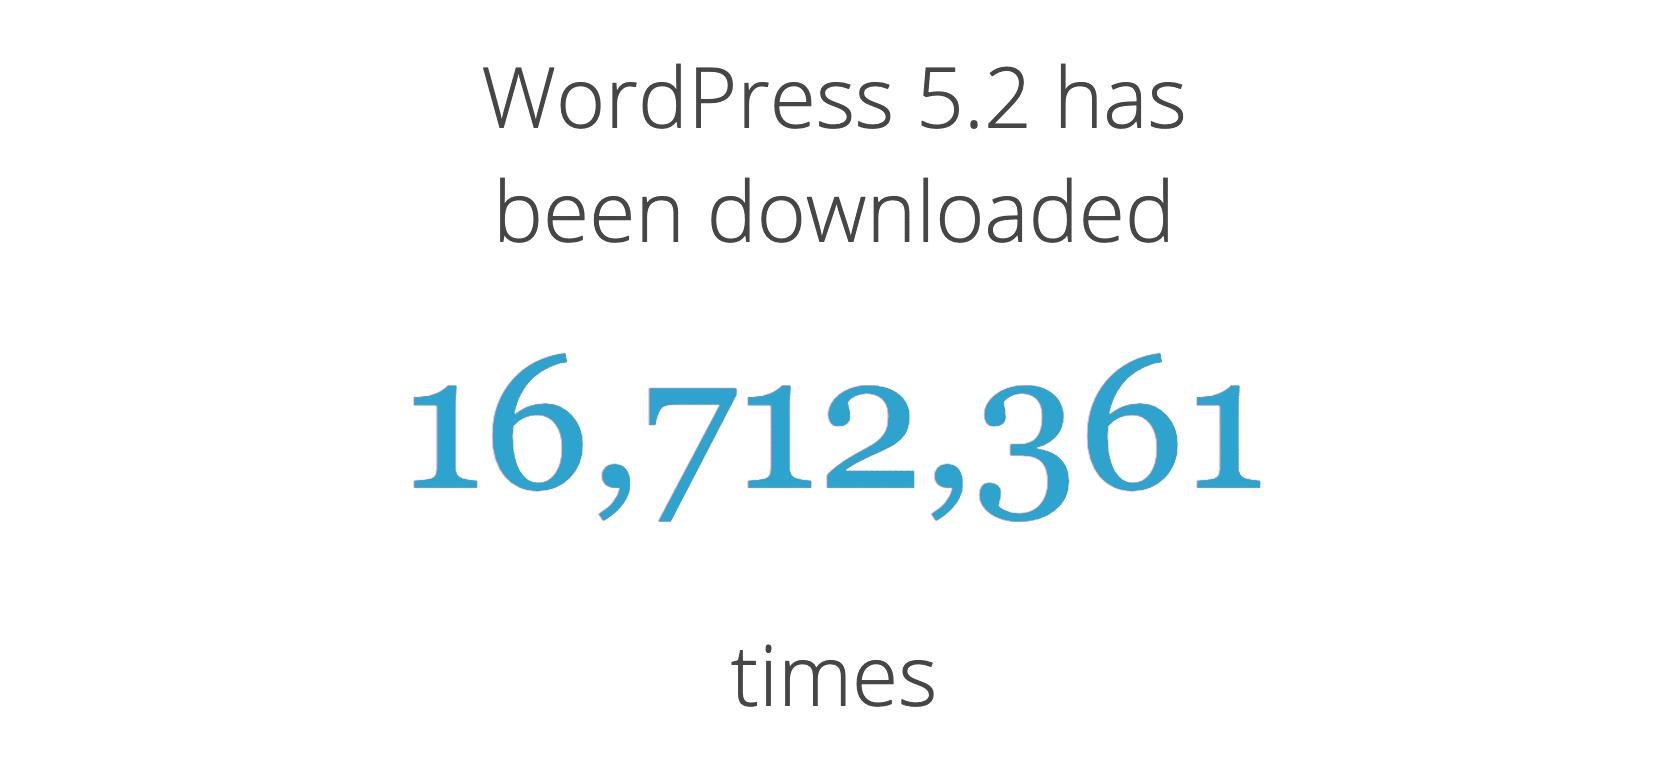 Compteur de téléchargements WordPress 5.2